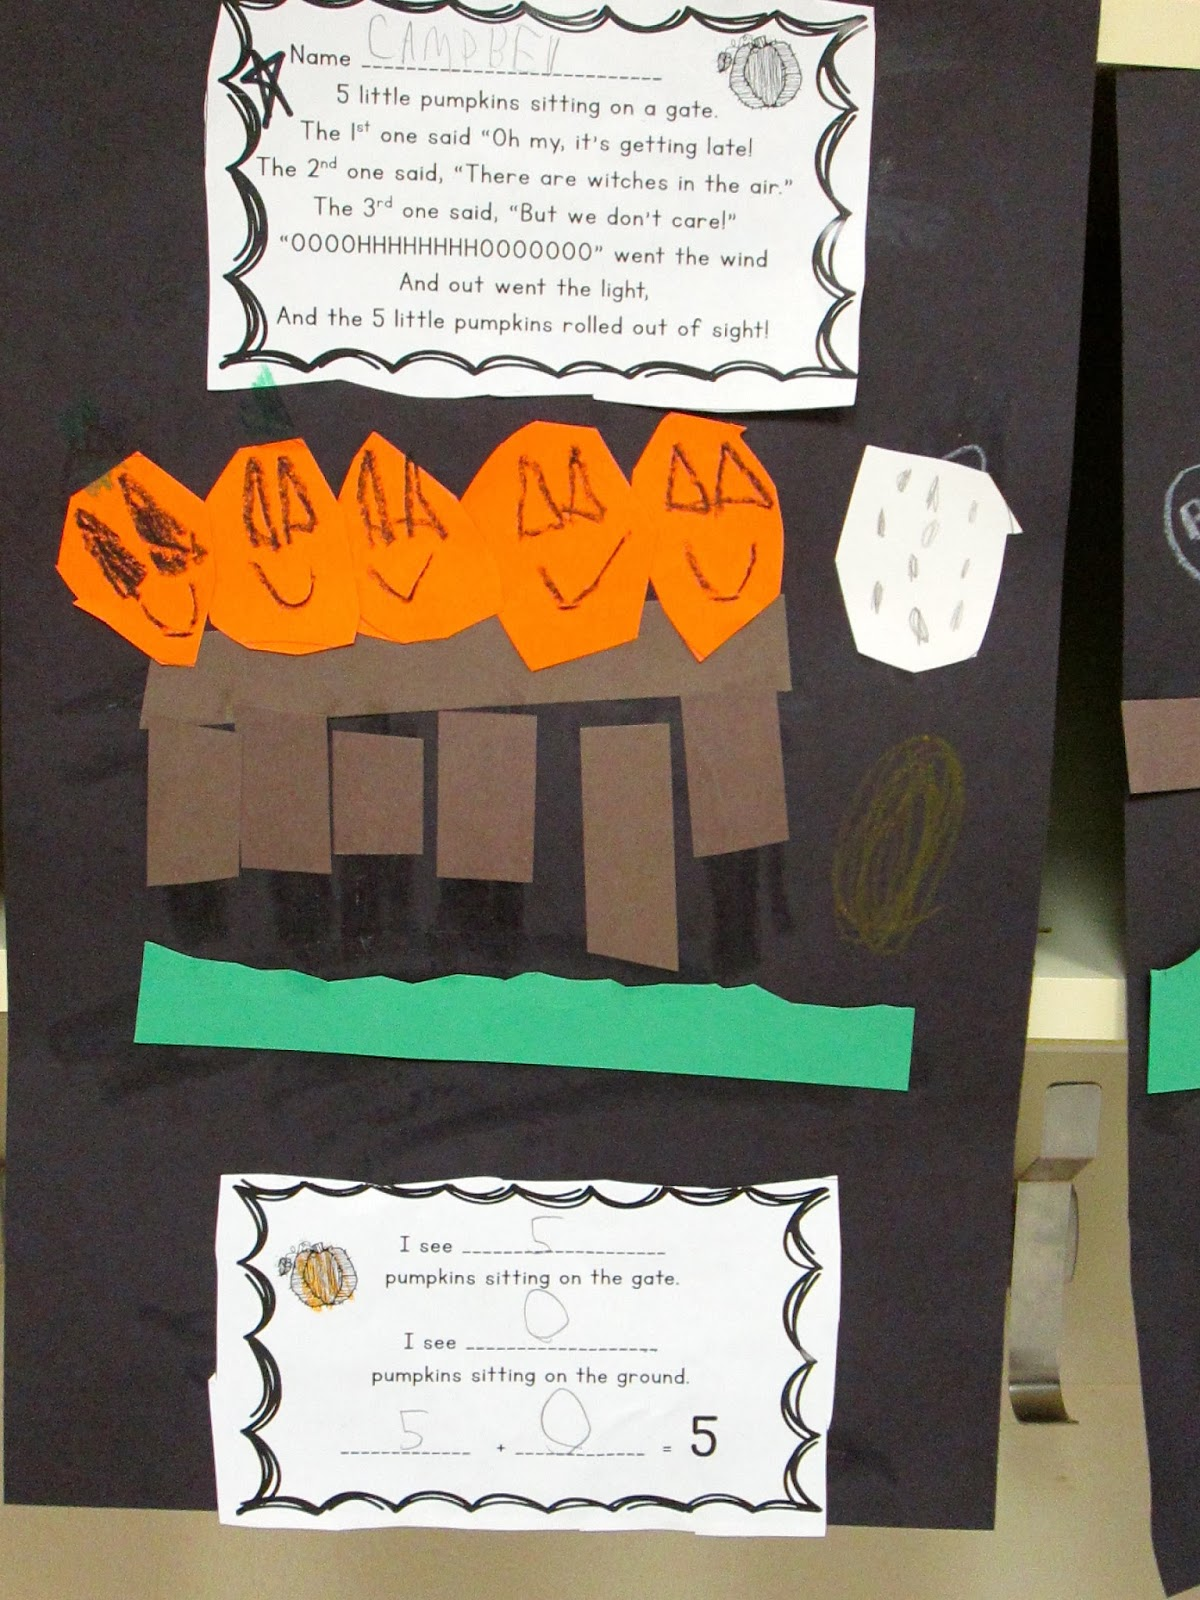 Five Little Pumpkins Sitting On A Gate Math Craft For Kindergarten